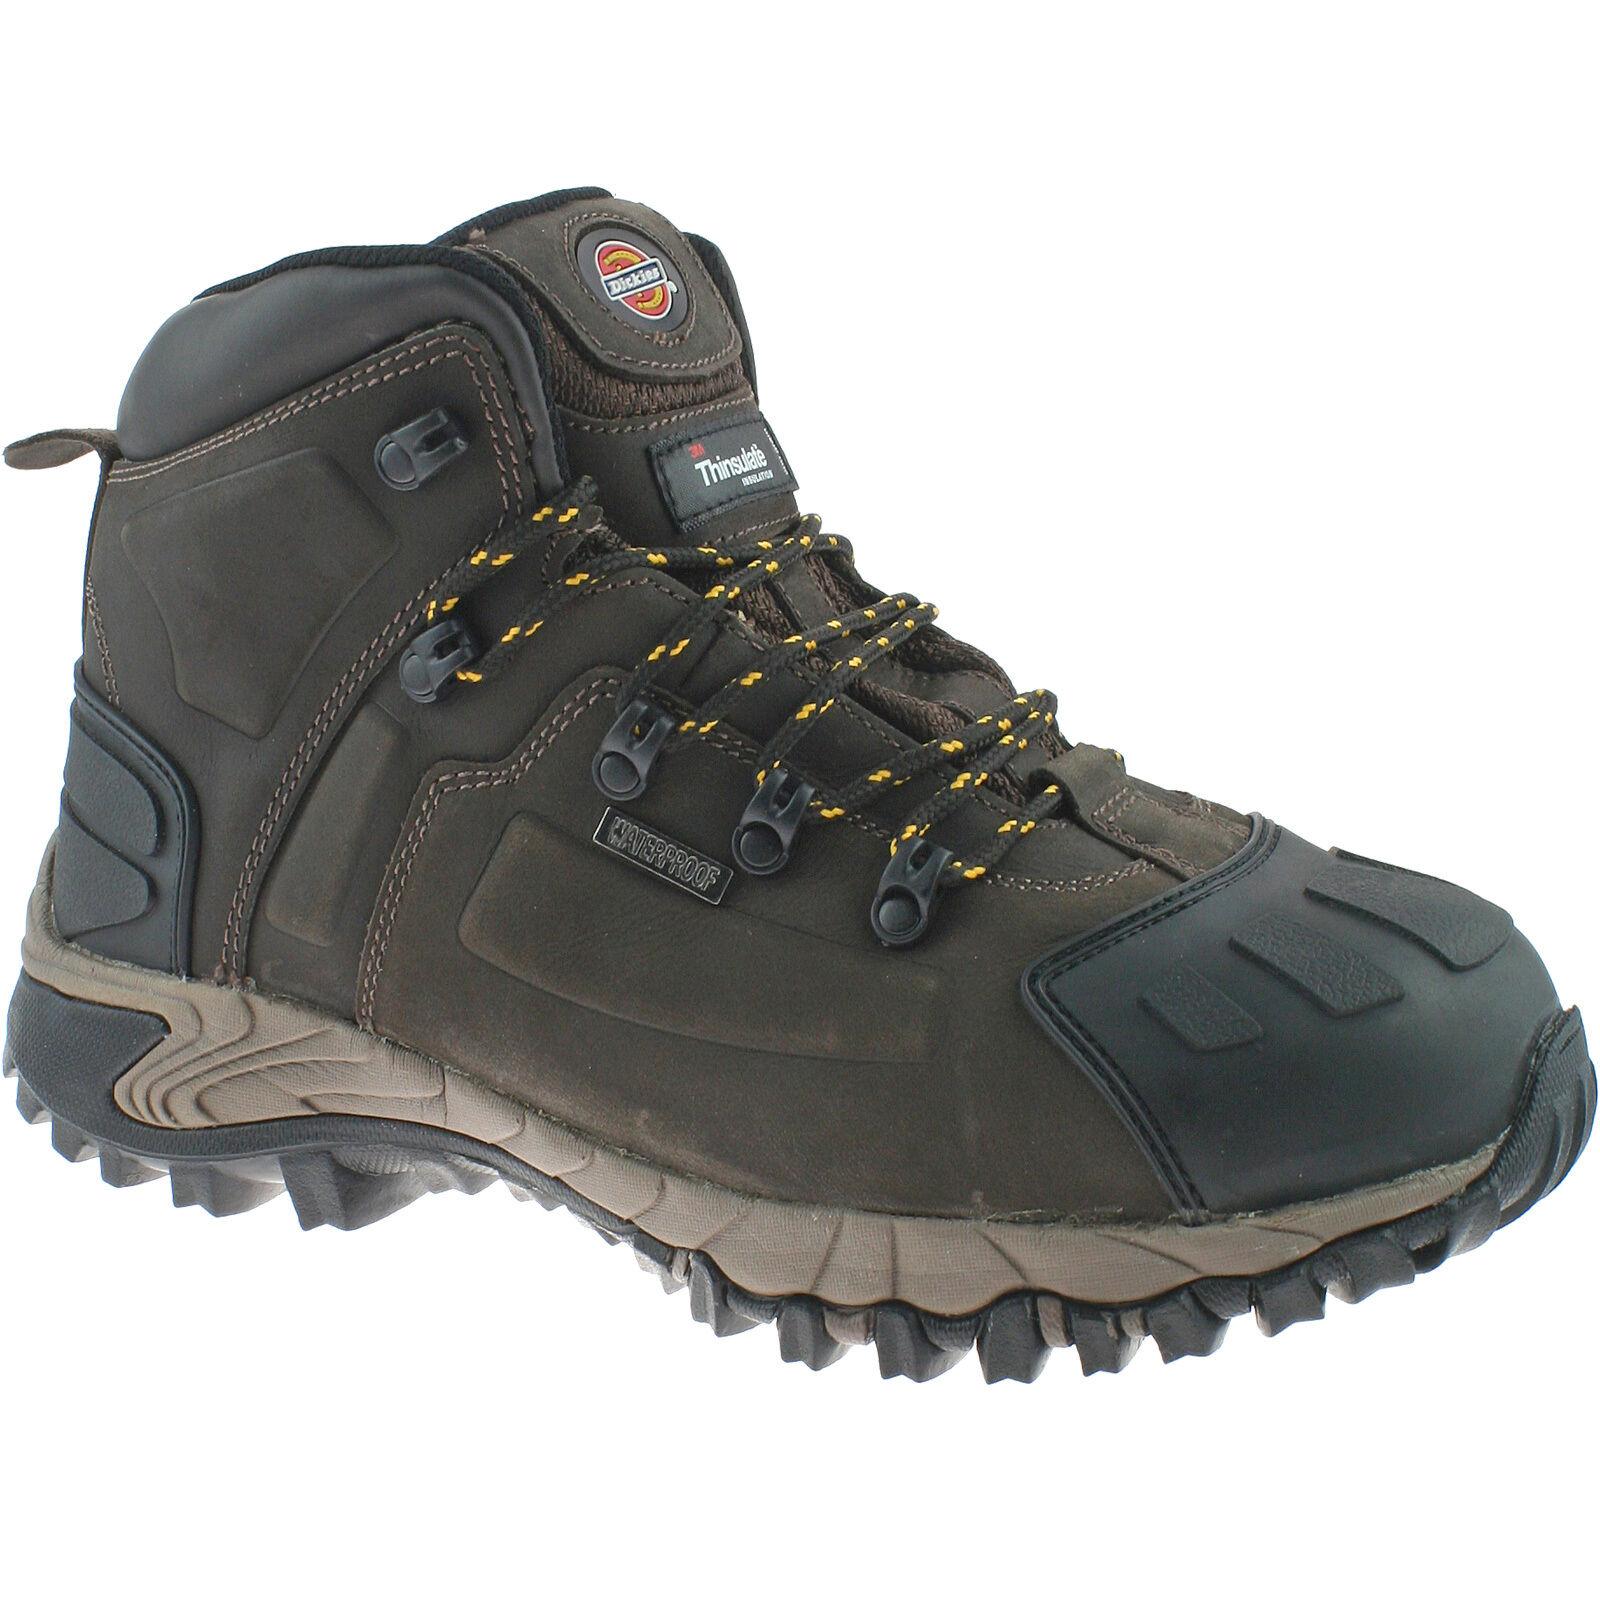 DICKIES MEDWAY Marrone Sicurezza Stivali Taglia Escursionista EU 43 FD23310 IMPERMEABILE Escursionista Taglia 1002f5